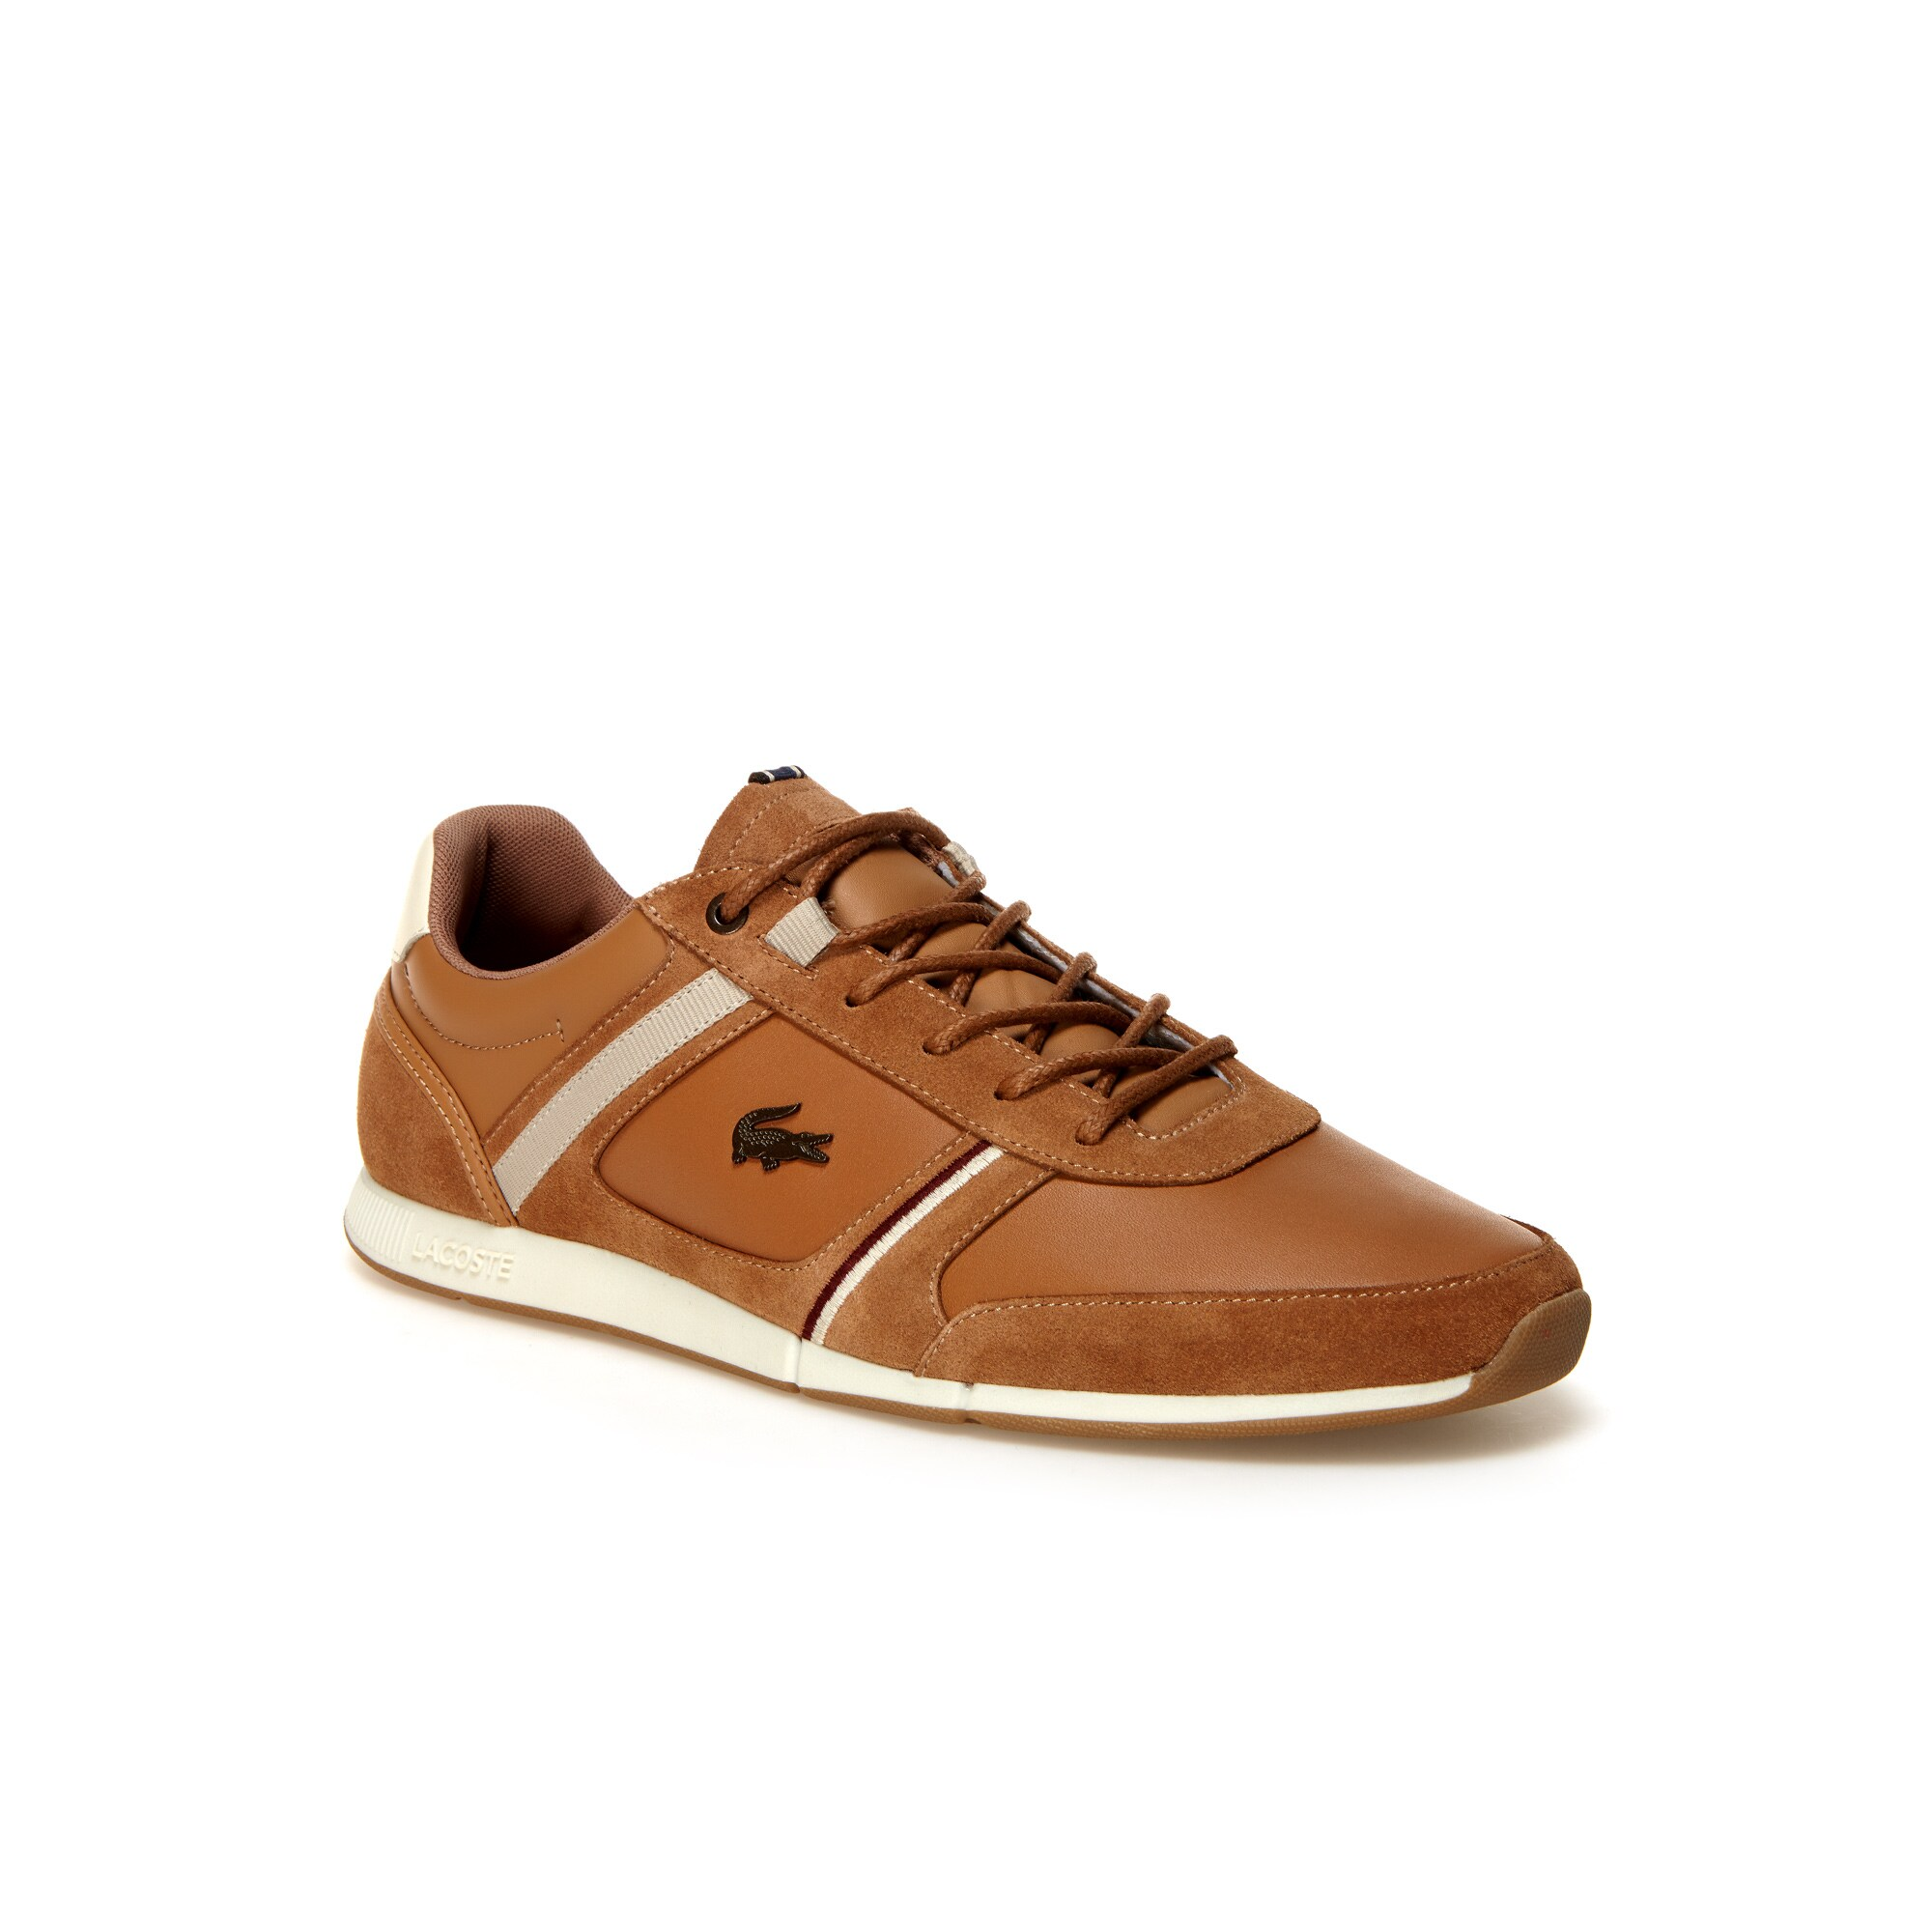 Herren-Sneakers MENERVA aus Leder